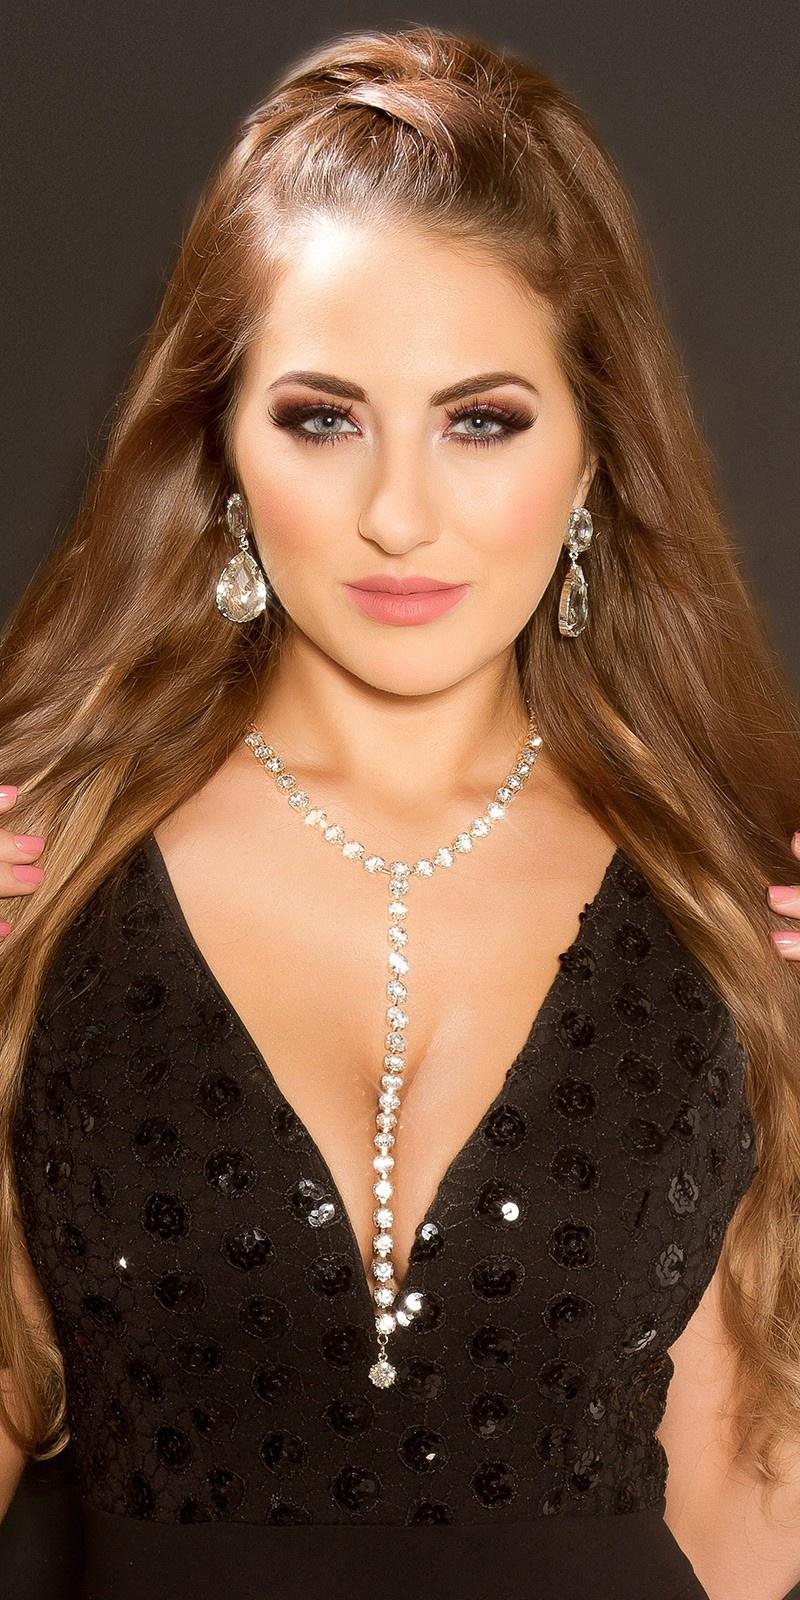 Sexy Y- necklace with XL rhinestones Gold